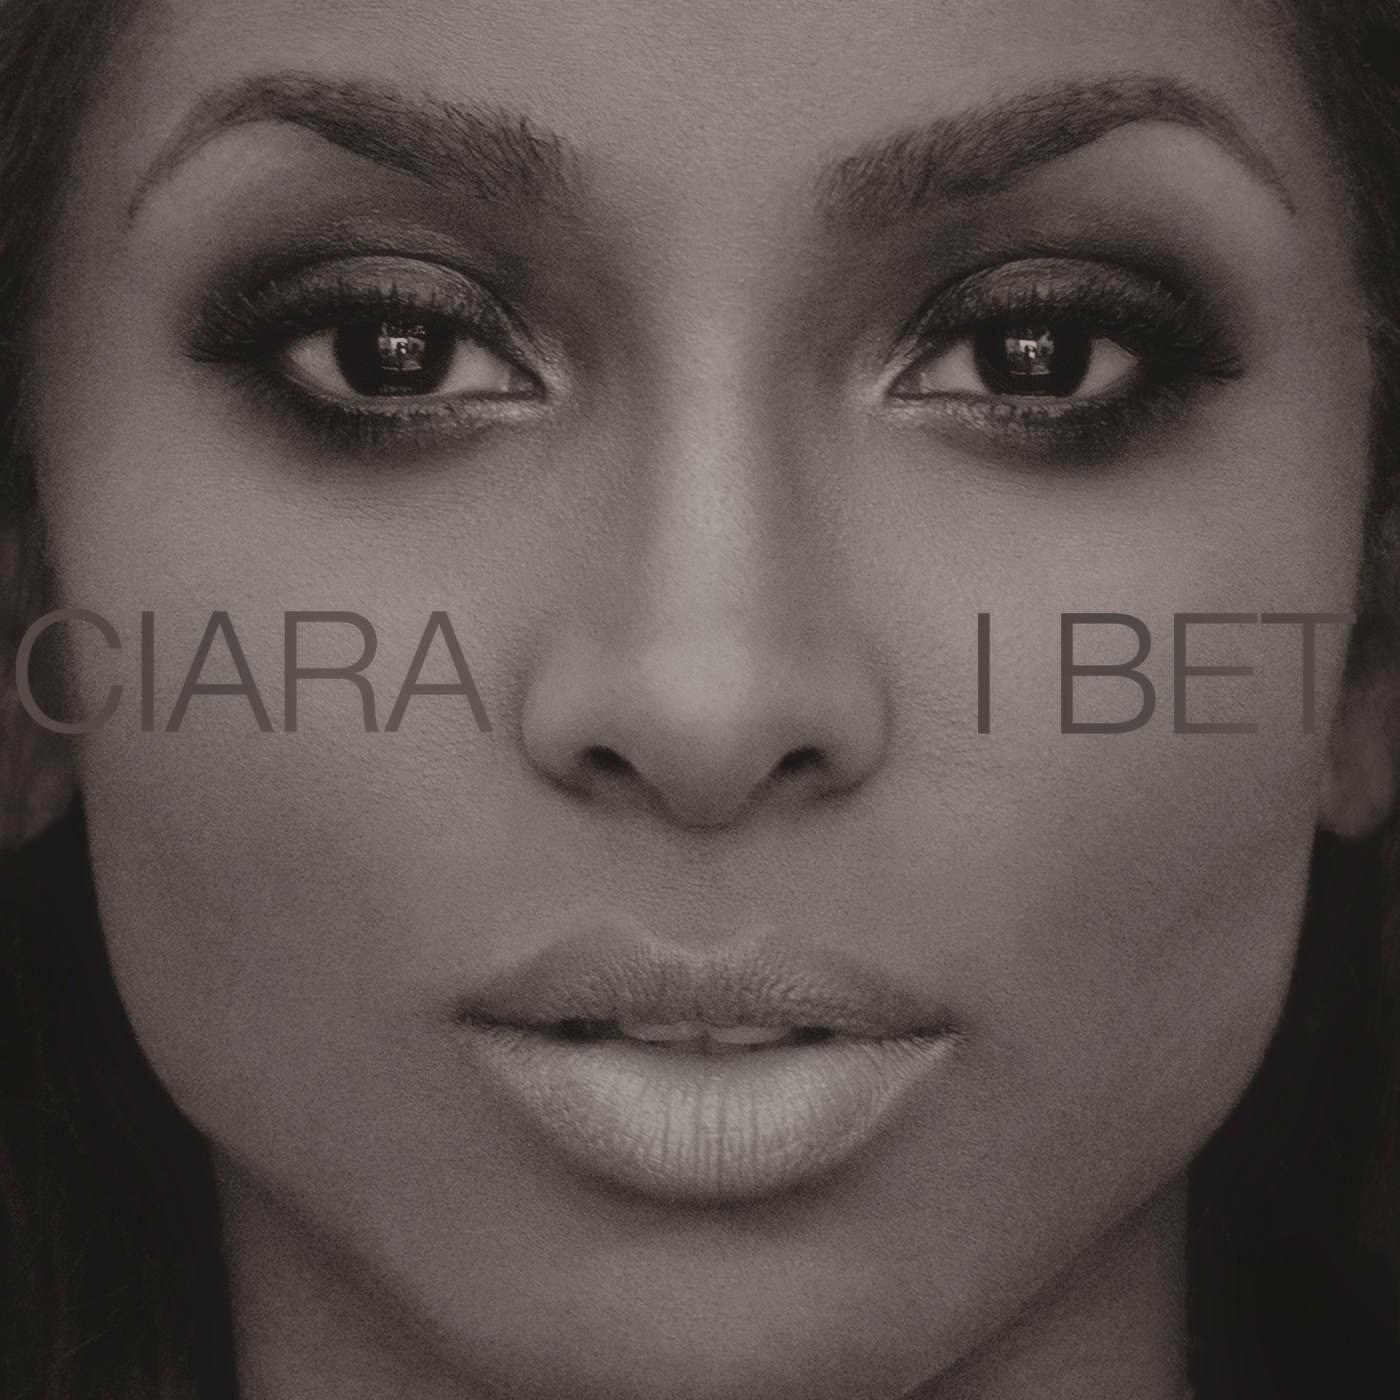 Ciara - I Bet - Single